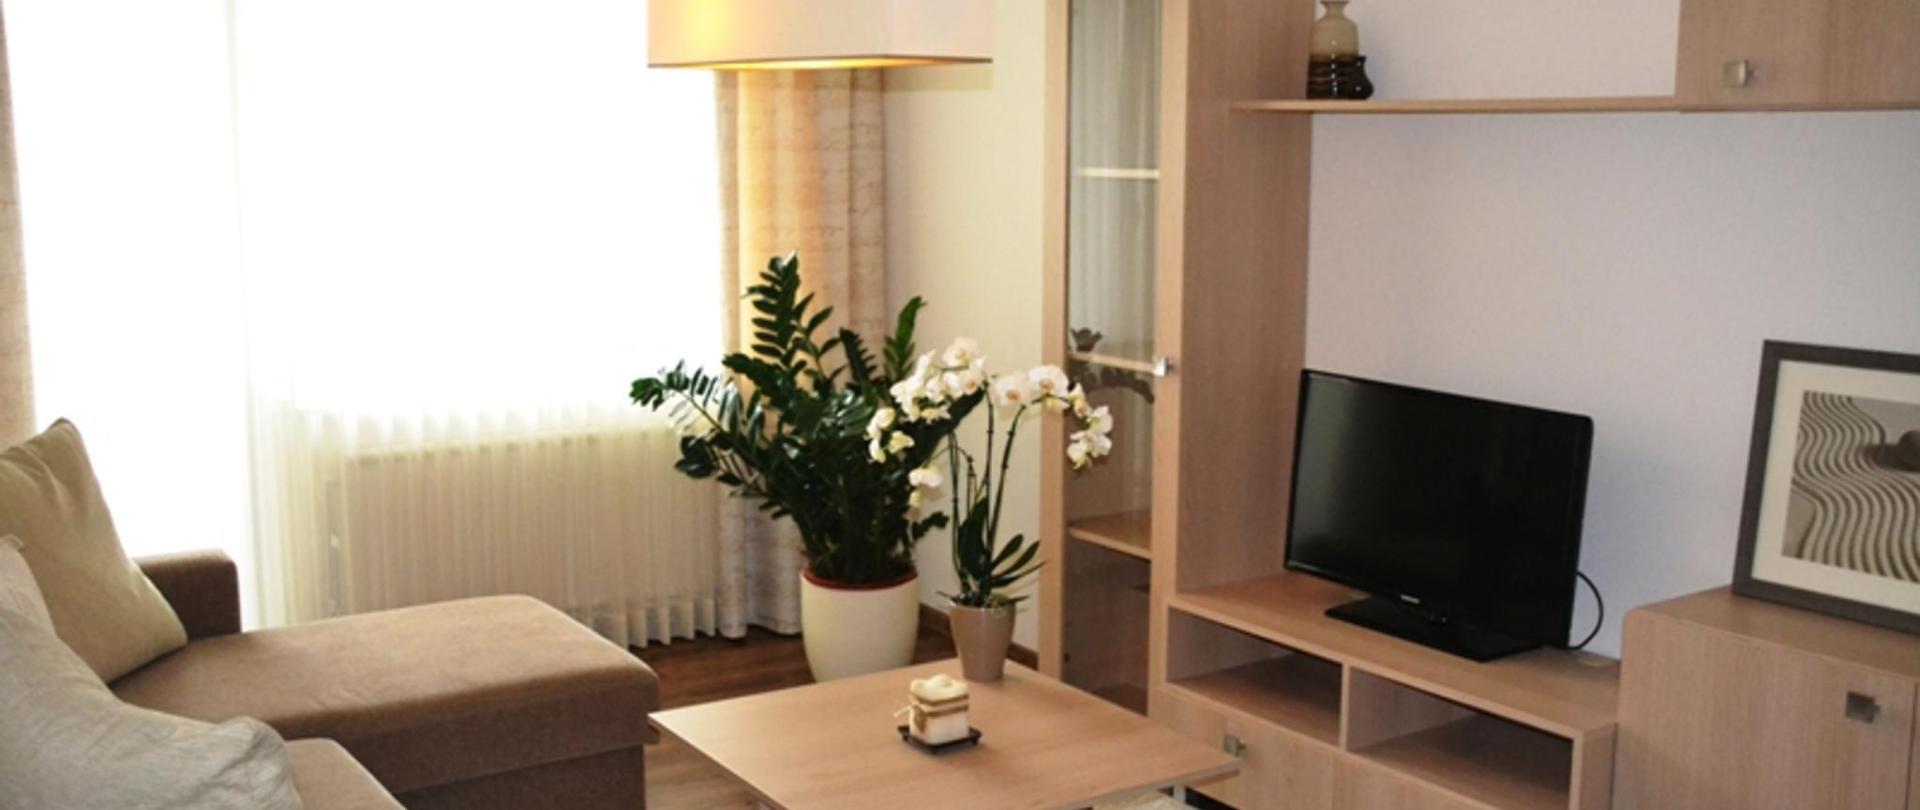 Apartamentai Dainų